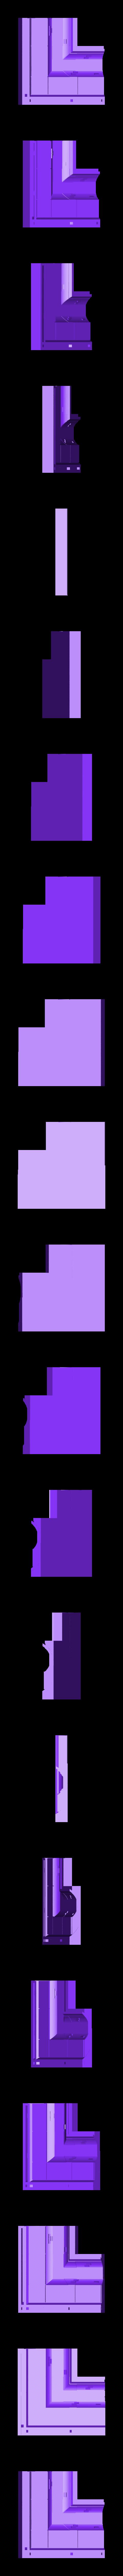 90deg_bott1.stl Télécharger fichier STL gratuit Ripper's London - Les égouts • Design pour imprimante 3D, Earsling